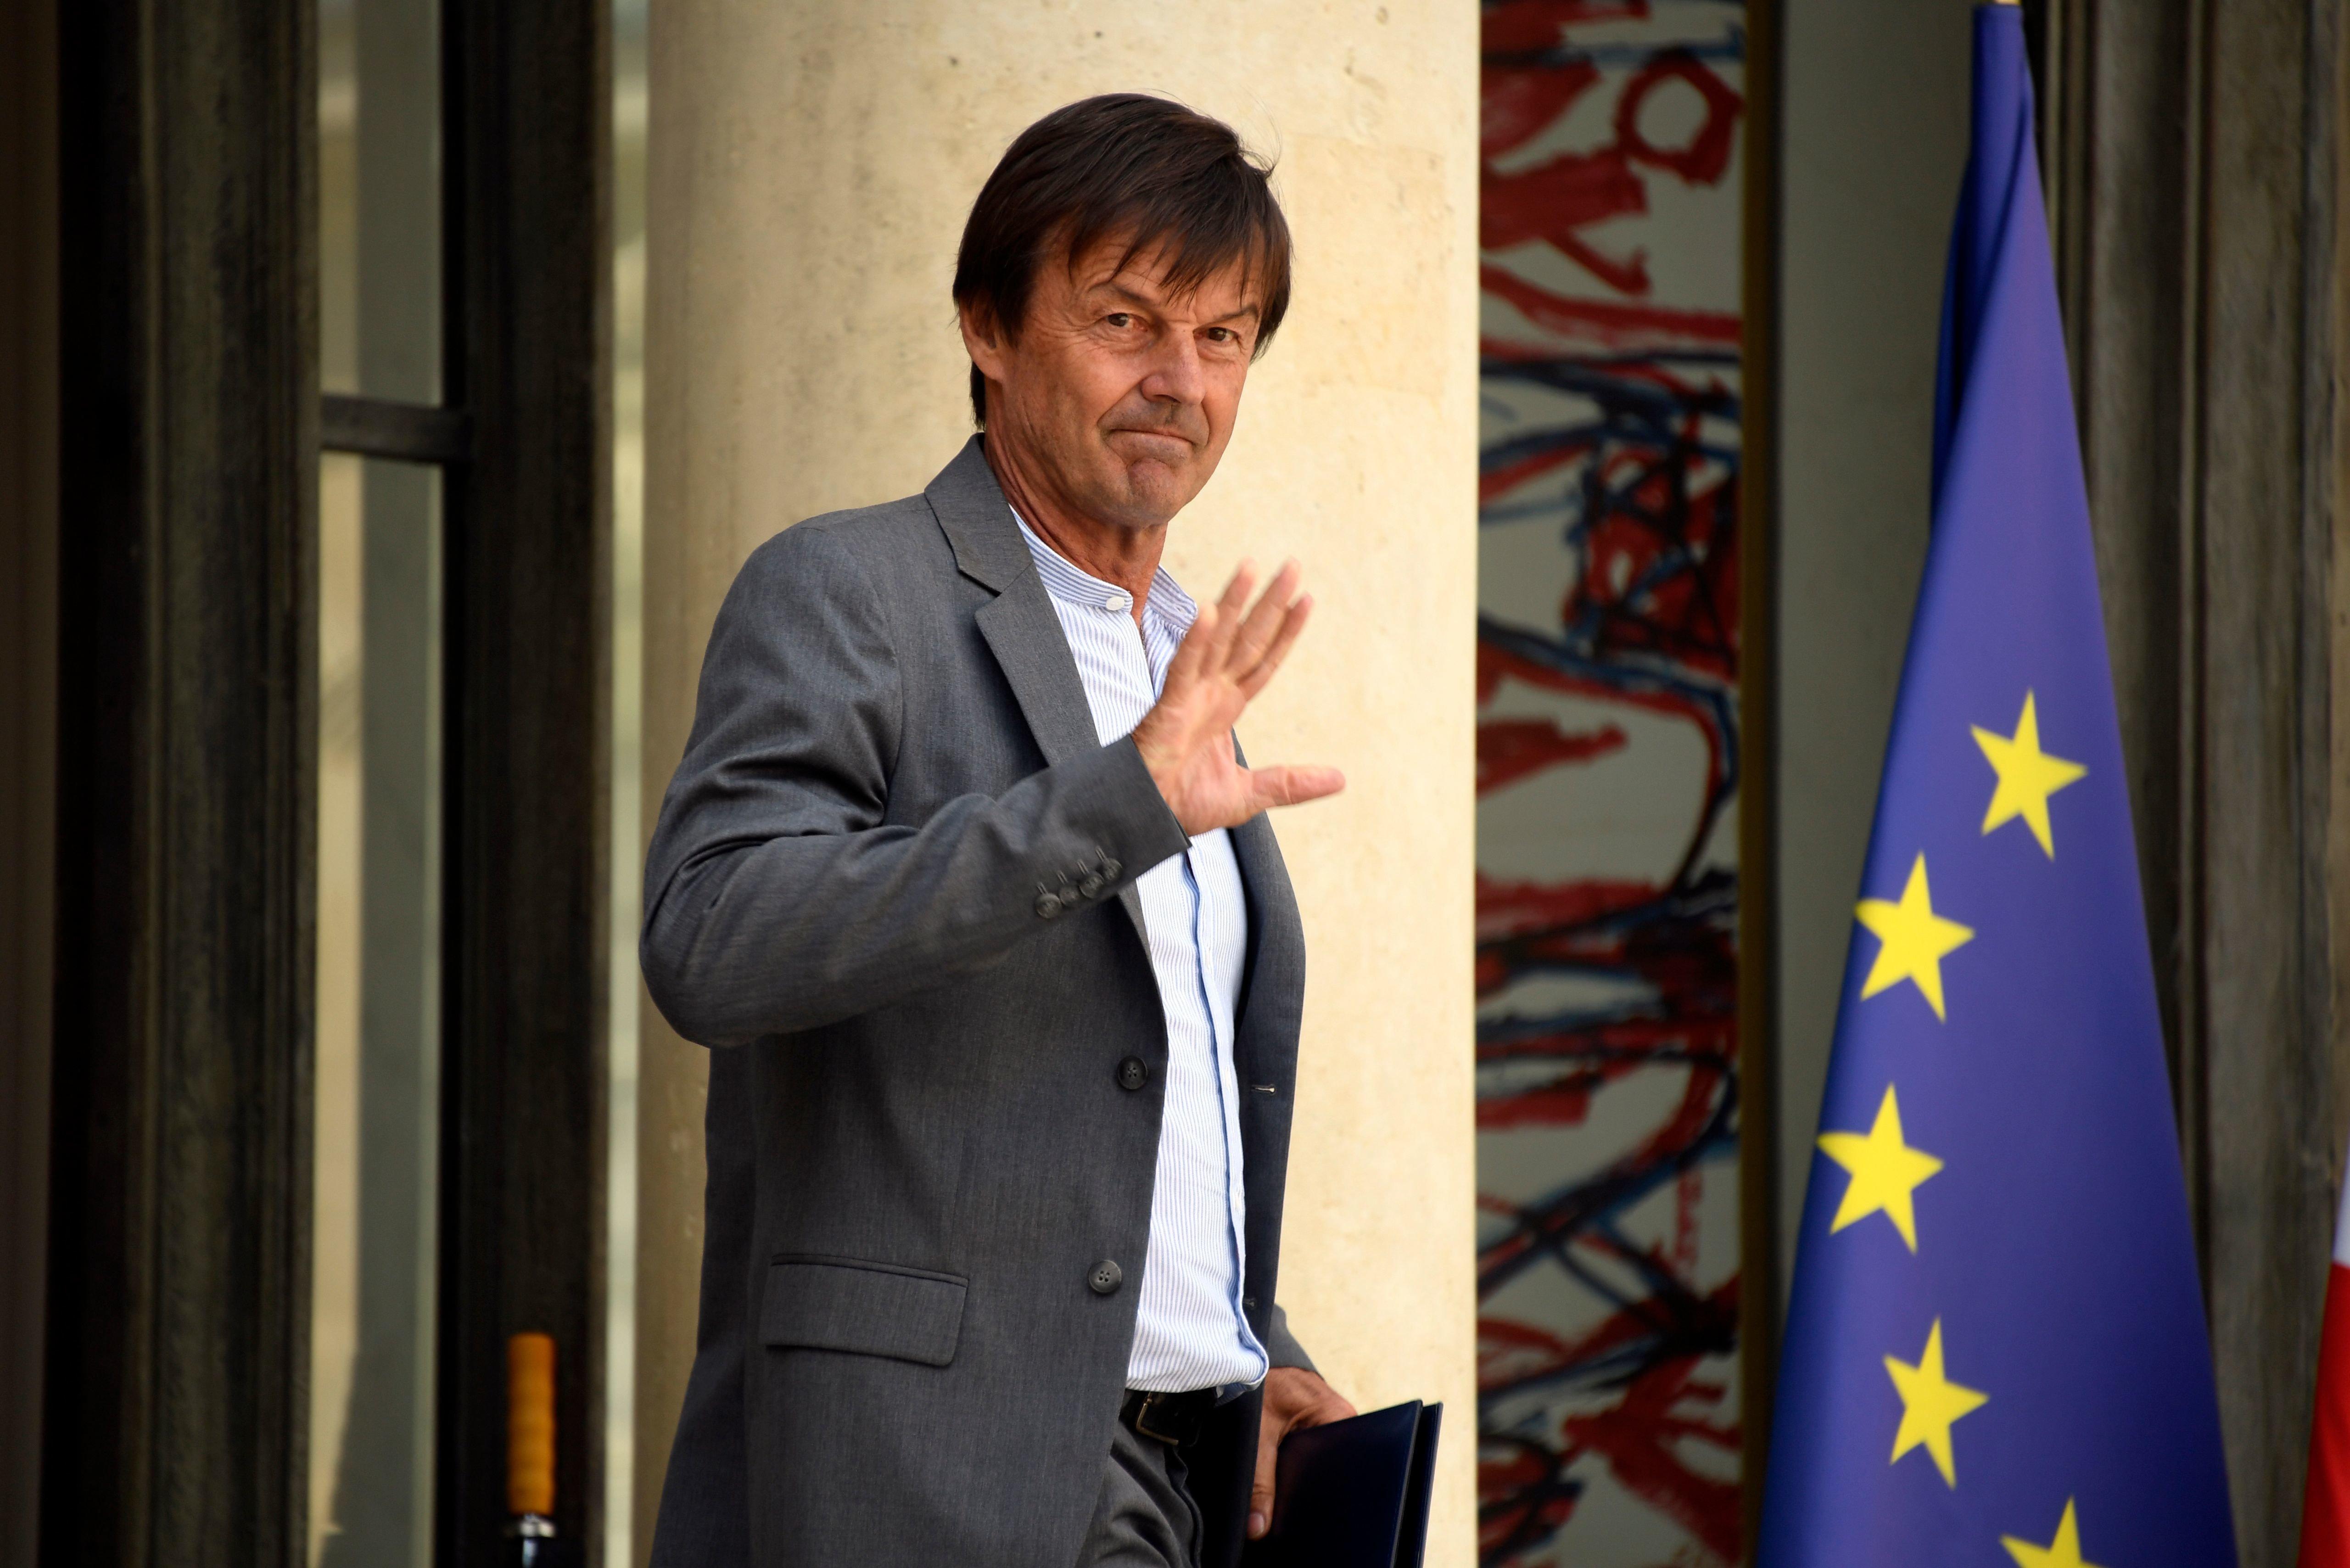 Ce ministre français démissionne en direct à la radio, sans avoir avisé